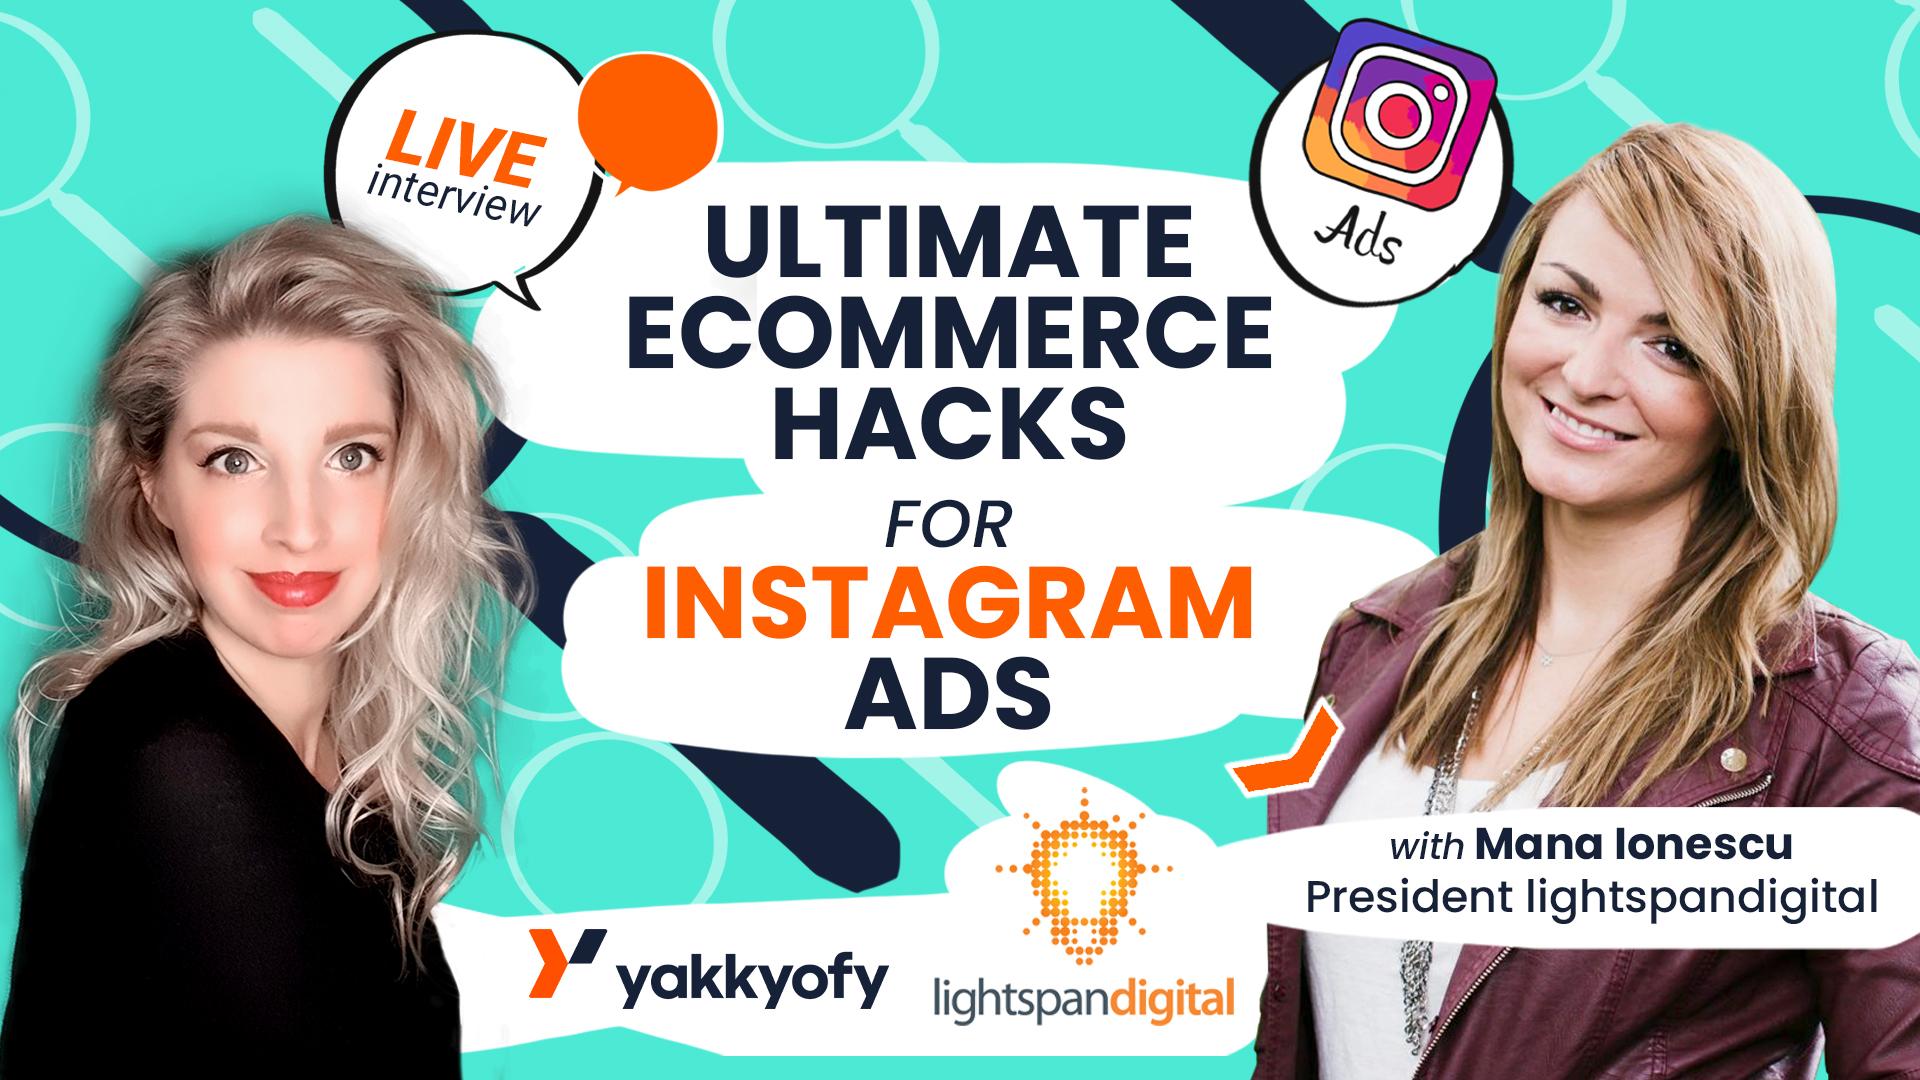 Ultimate eCommerce Hacks for Instagram Ads